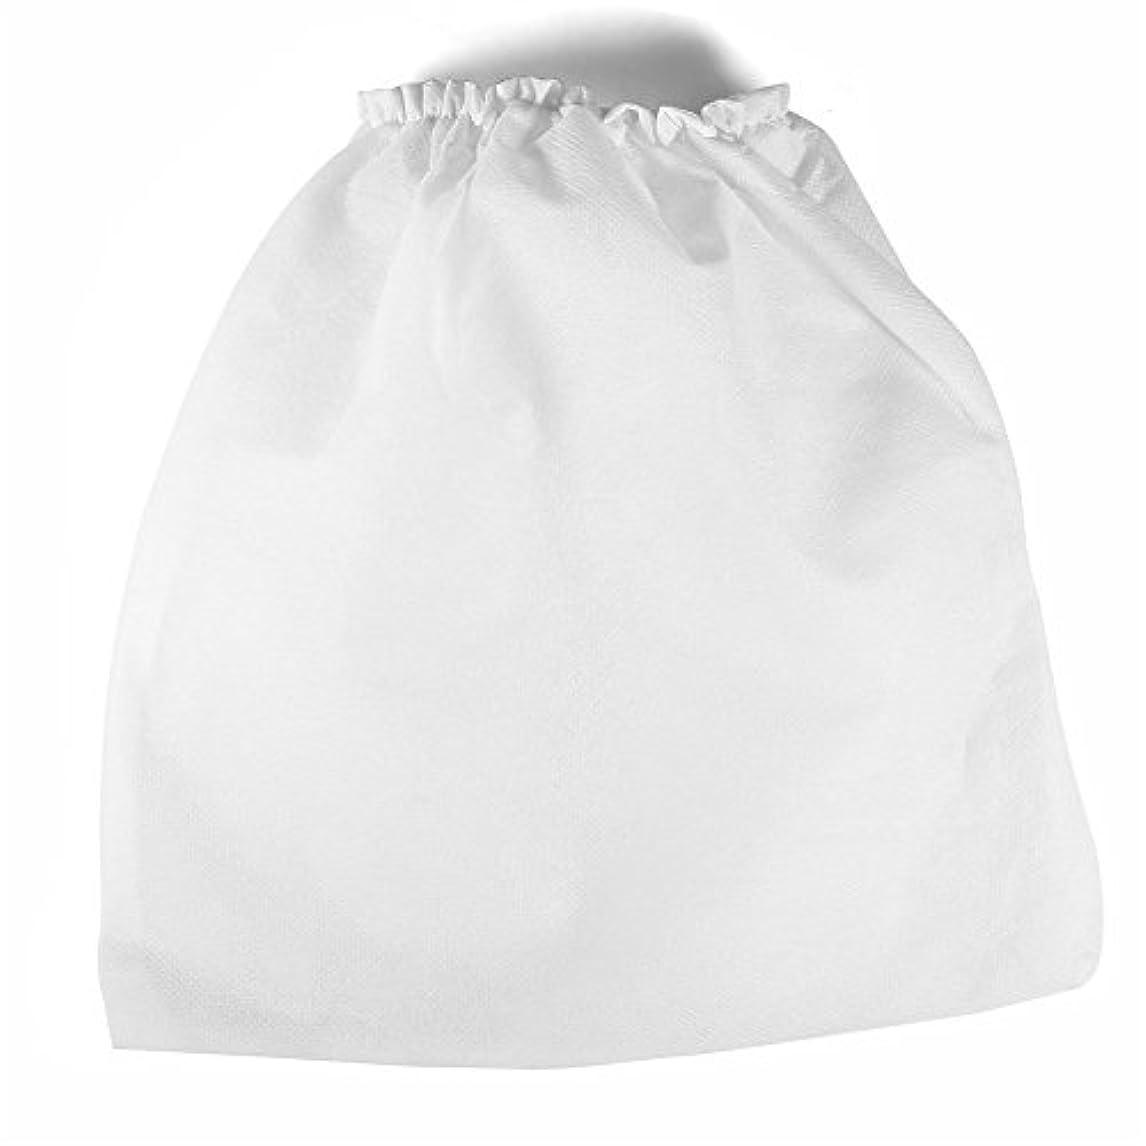 比べるラオス人ダーベビルのテスネイル不織布掃除機 ストコレクター ネイルのほこりを吸って 収集袋10枚